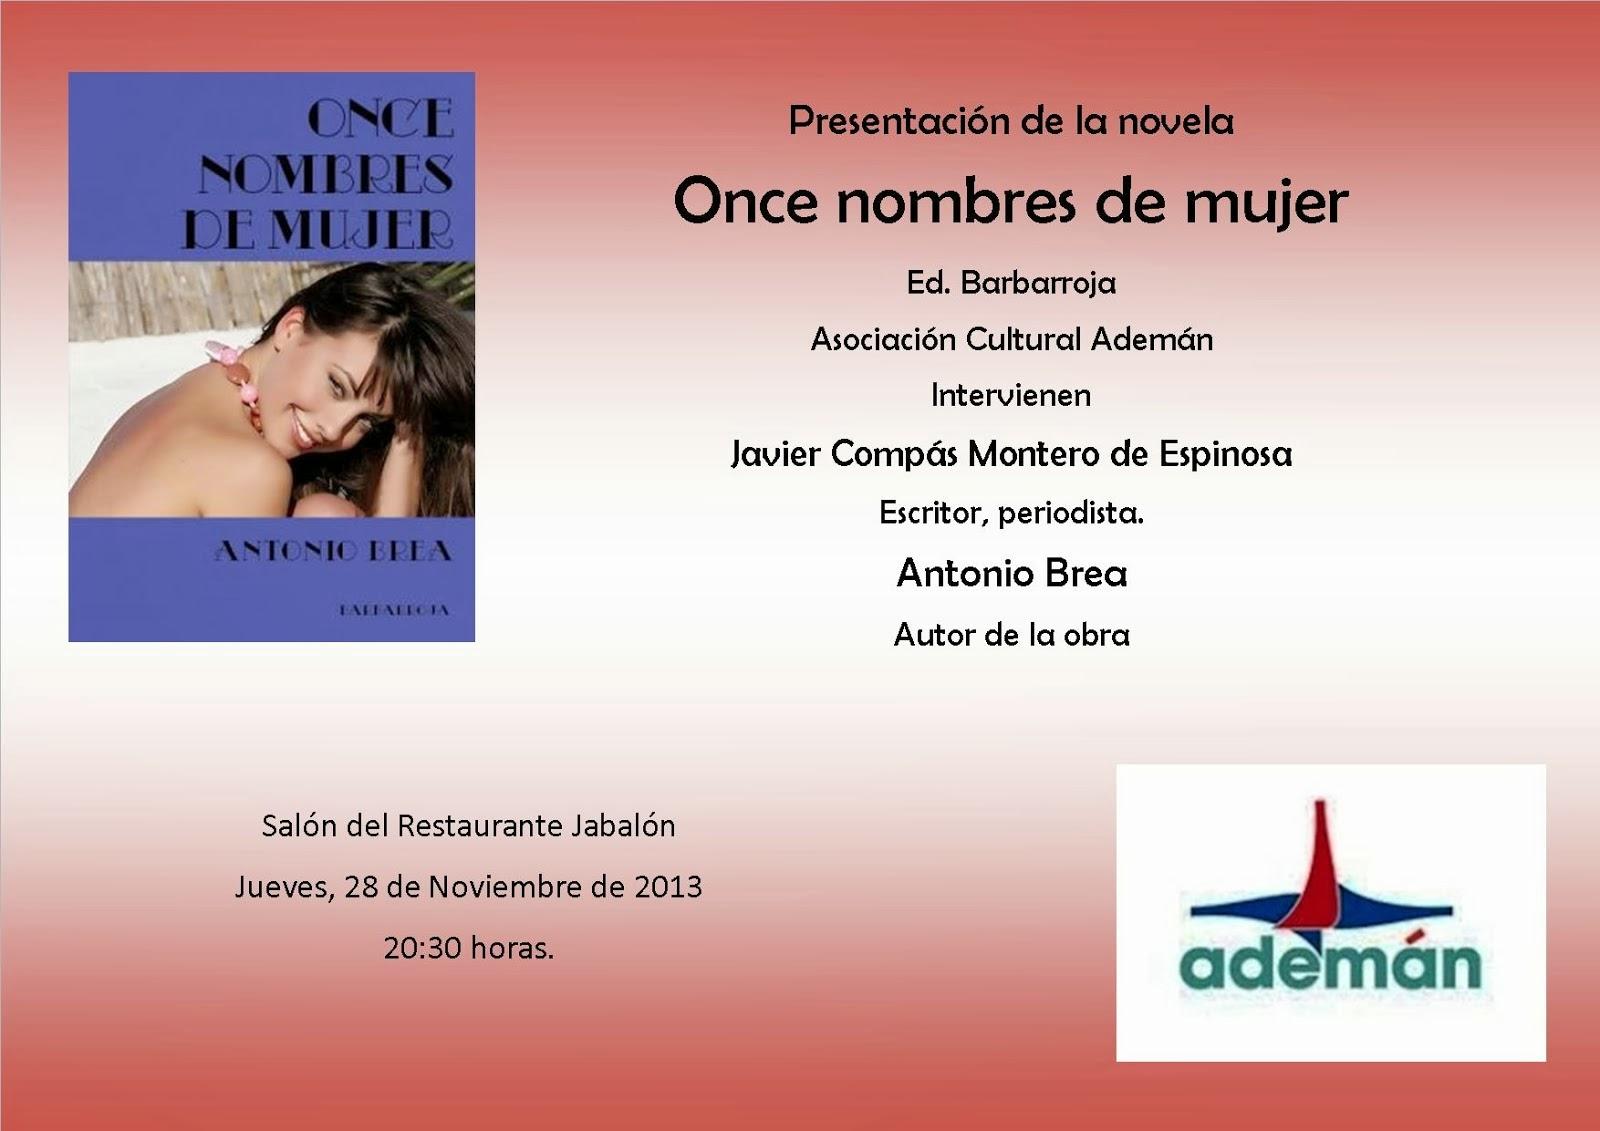 Presentación de la última novela de Antonio Brea